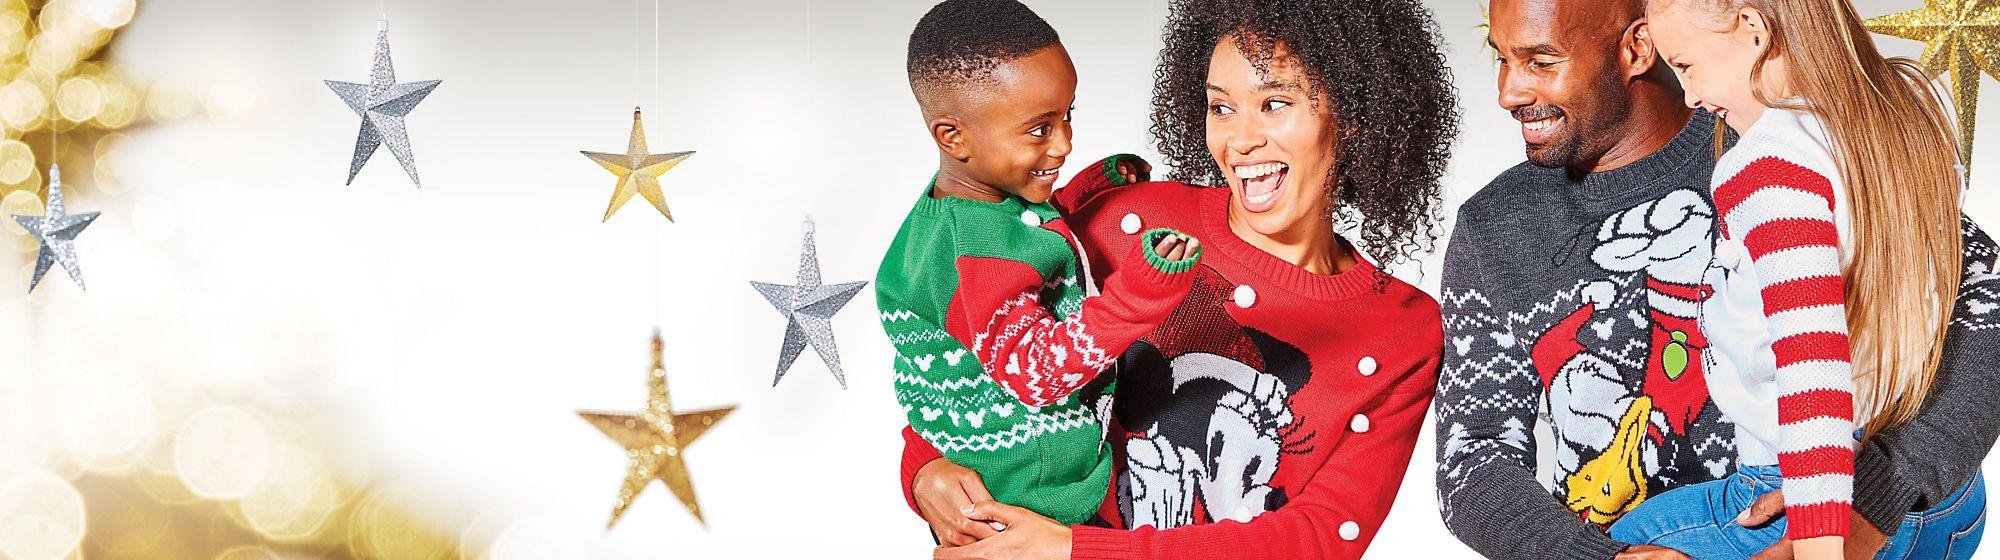 Acquisti natalizi Trova il regalo perfetto per il tuo Natale ACQUISTA ORA